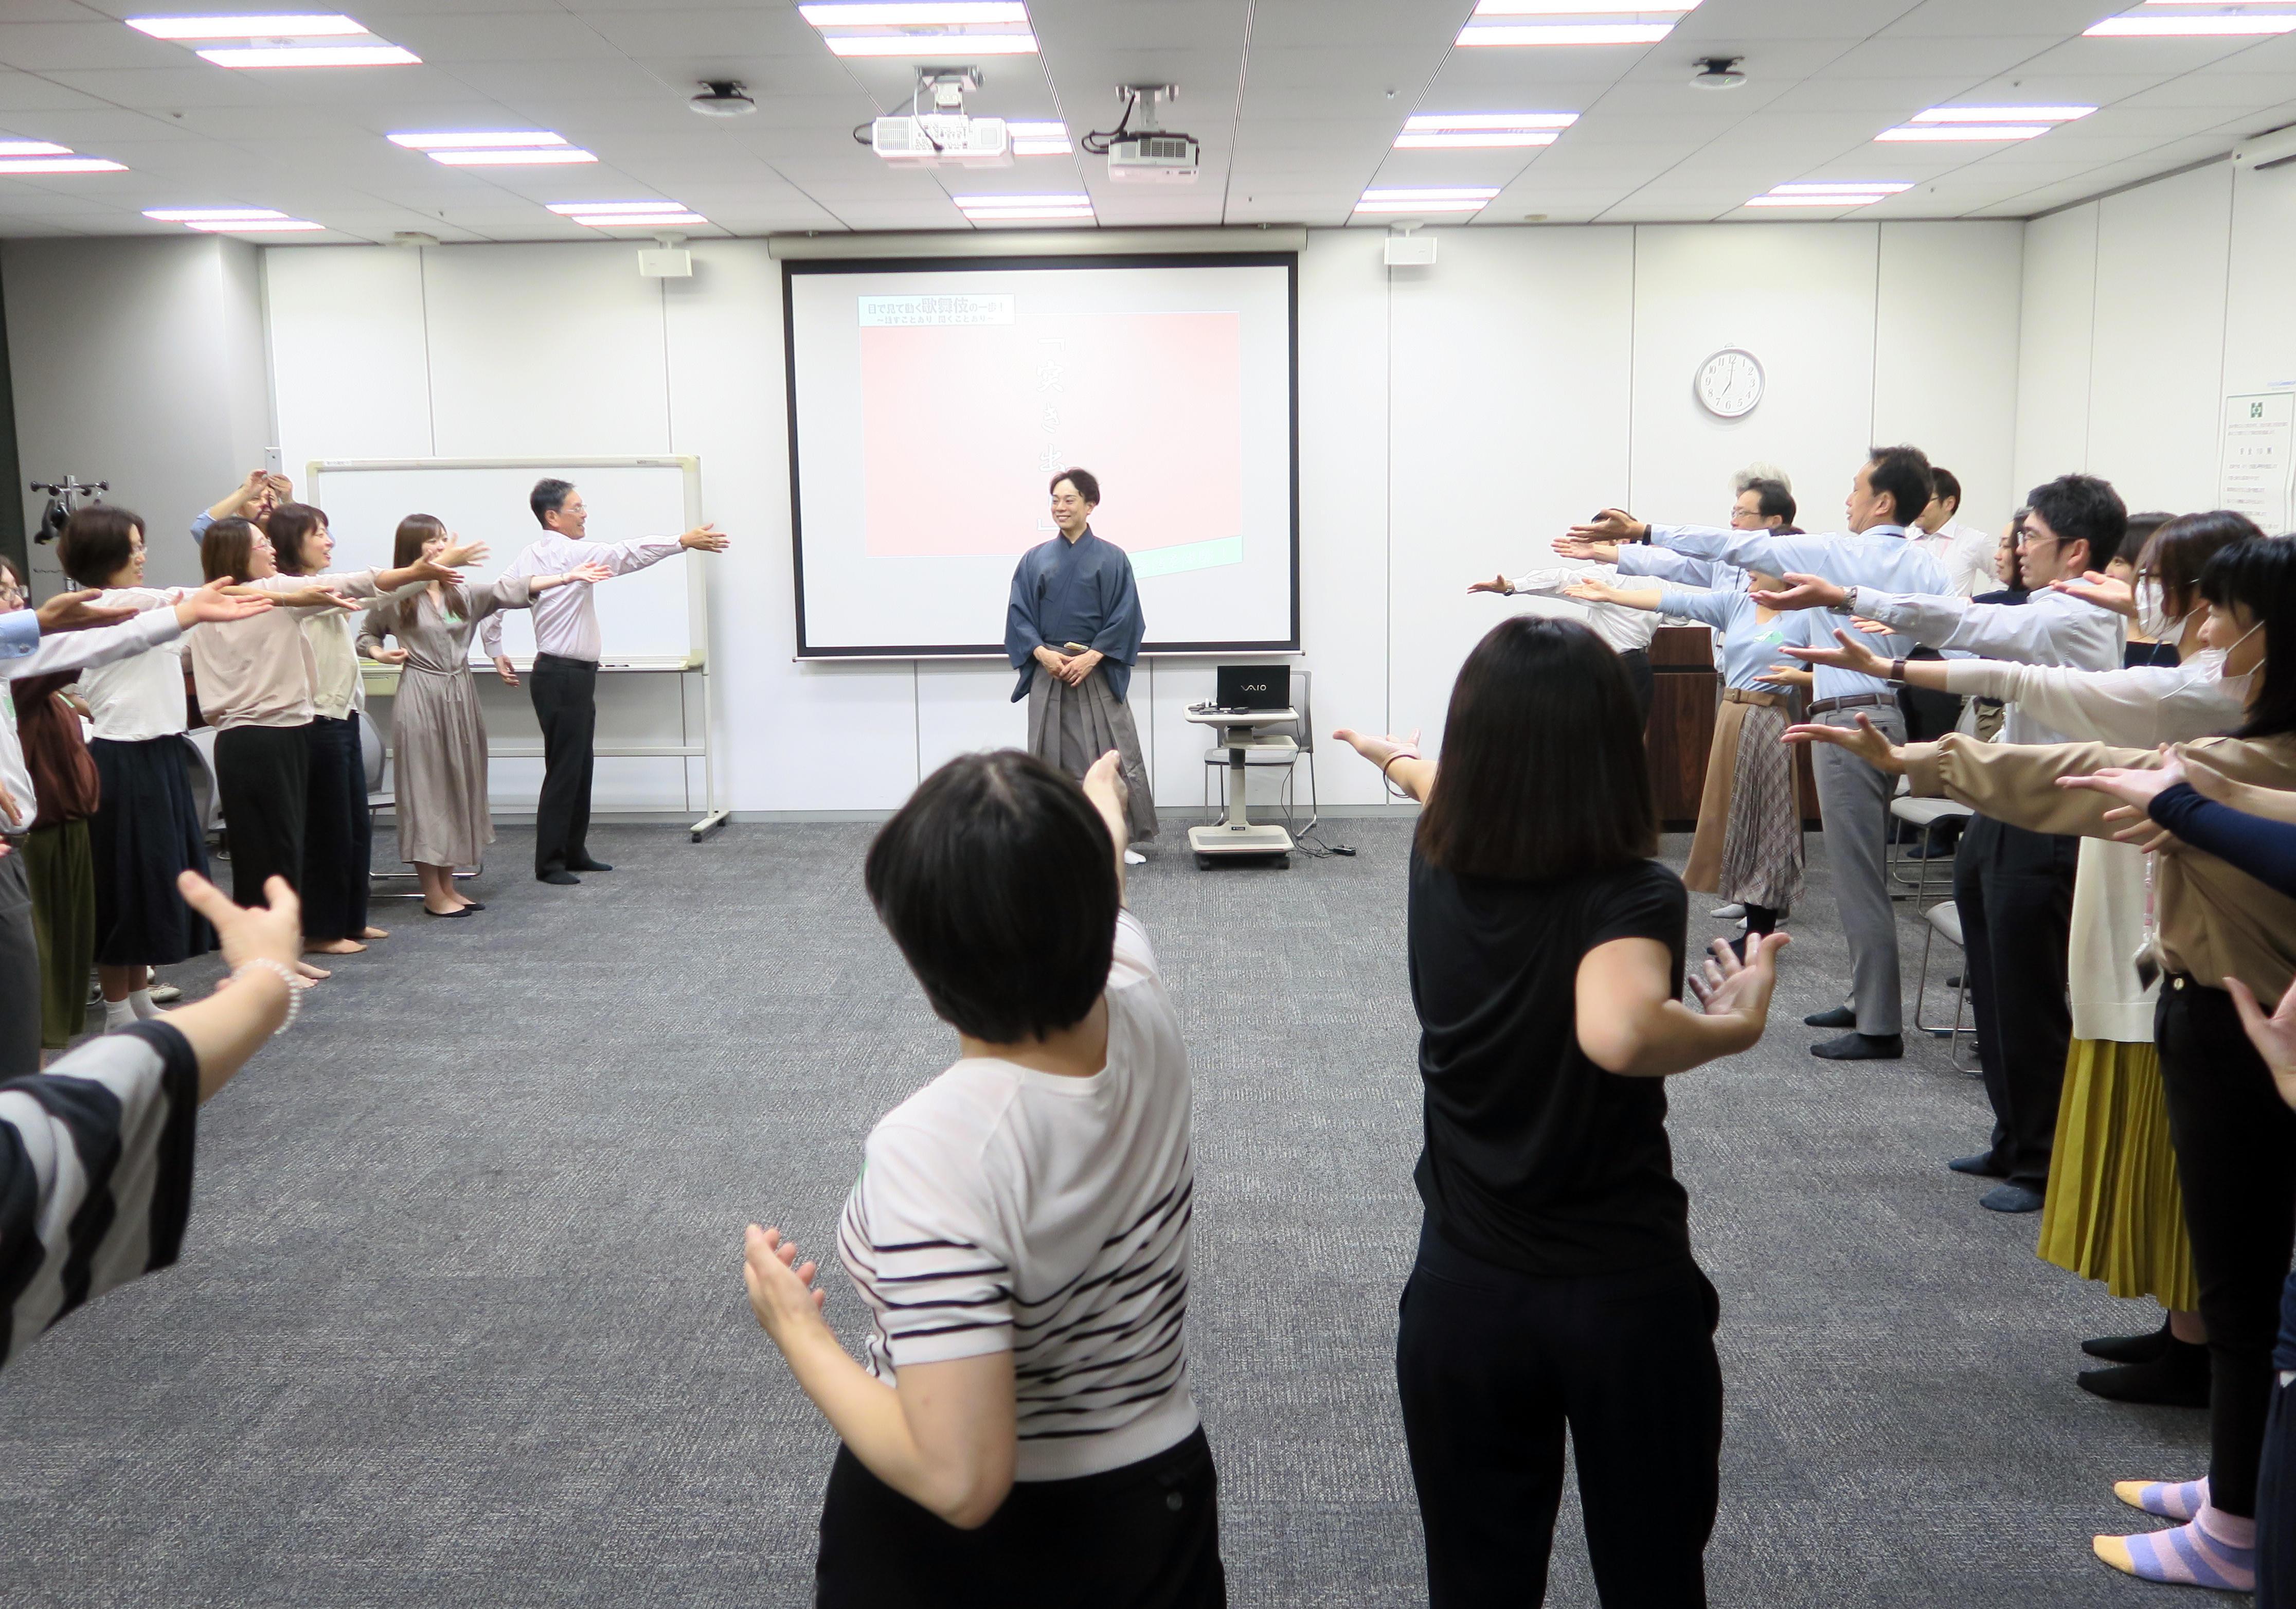 【イベントレポート】カリフォルニアプルーンと「なりきり歌舞伎体操」で健康増進!